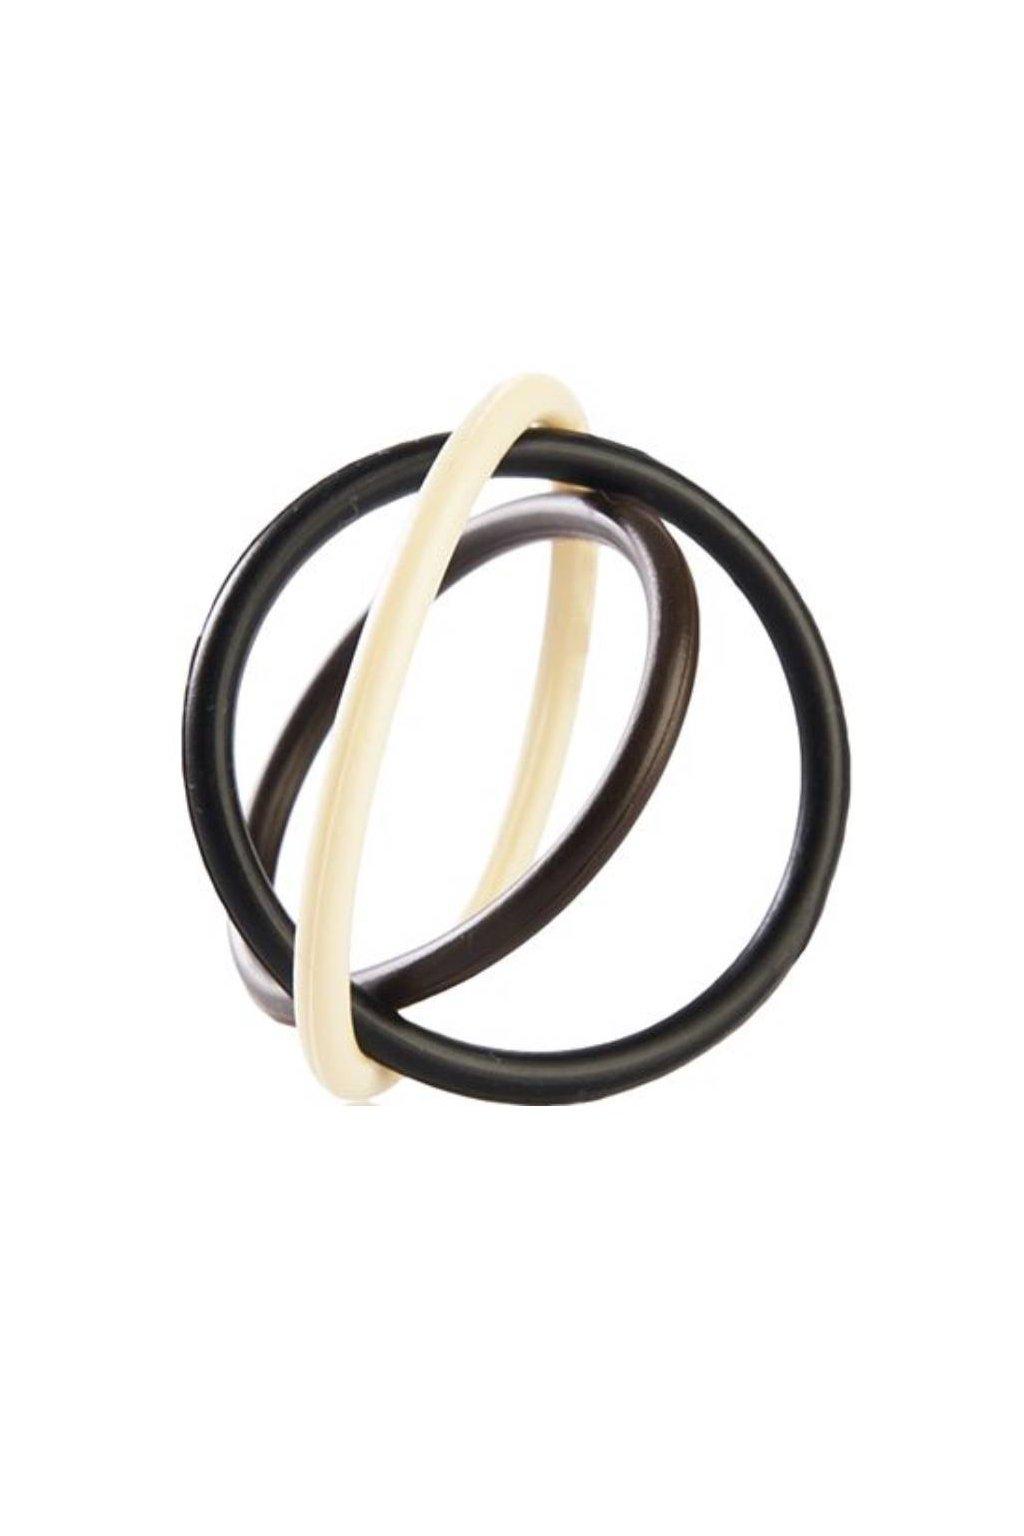 Gumičky na vlasy elastické silikonové průměr 4cm, tloušťka 3mm, 1 balení 5ks